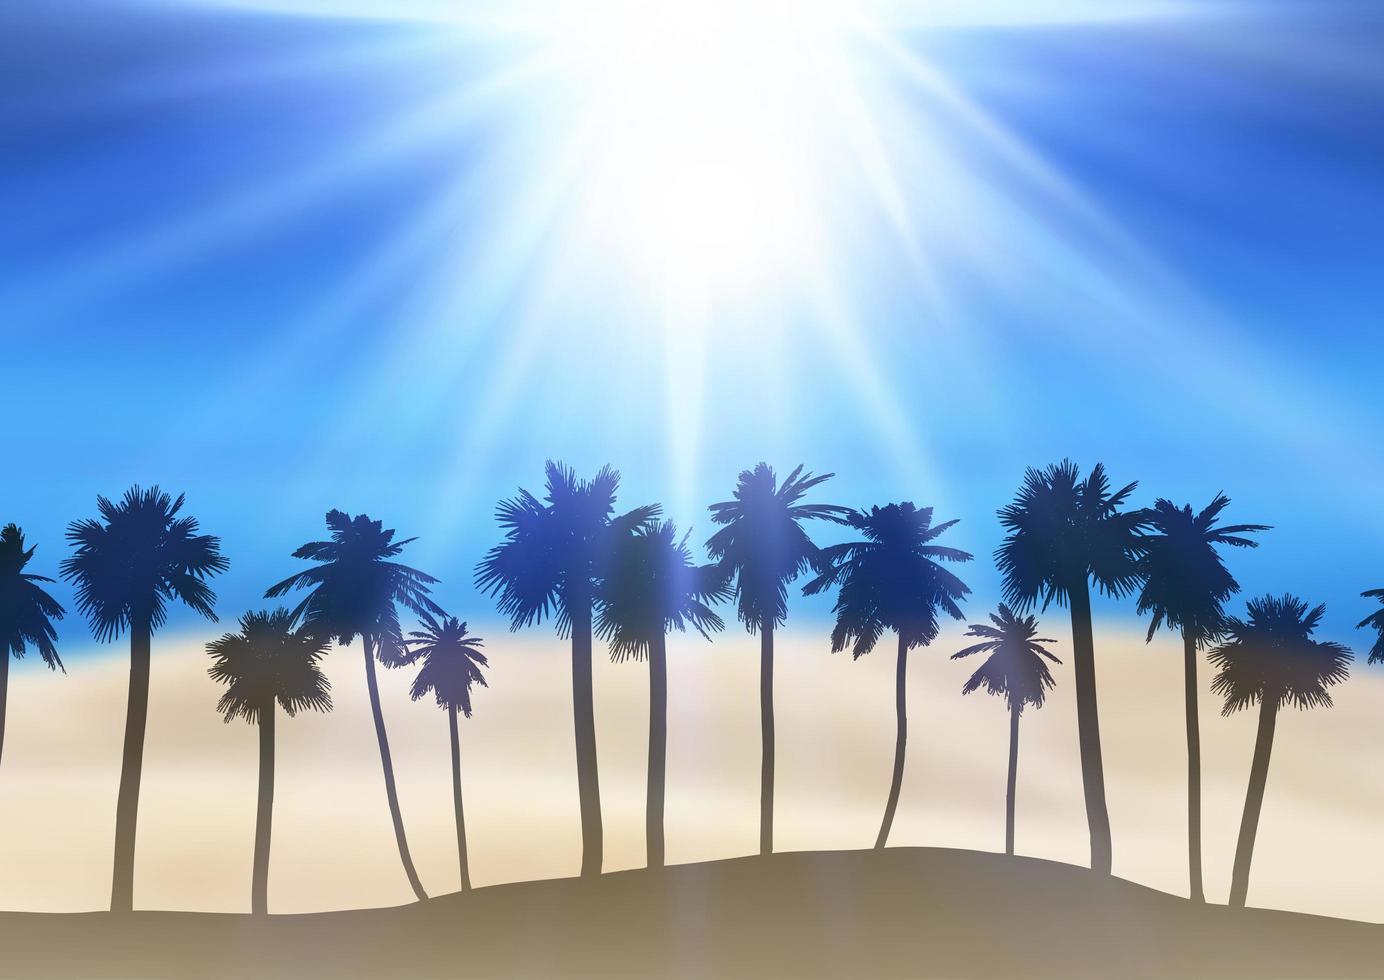 paisagem de verão com silhuetas de árvore de palma vetor